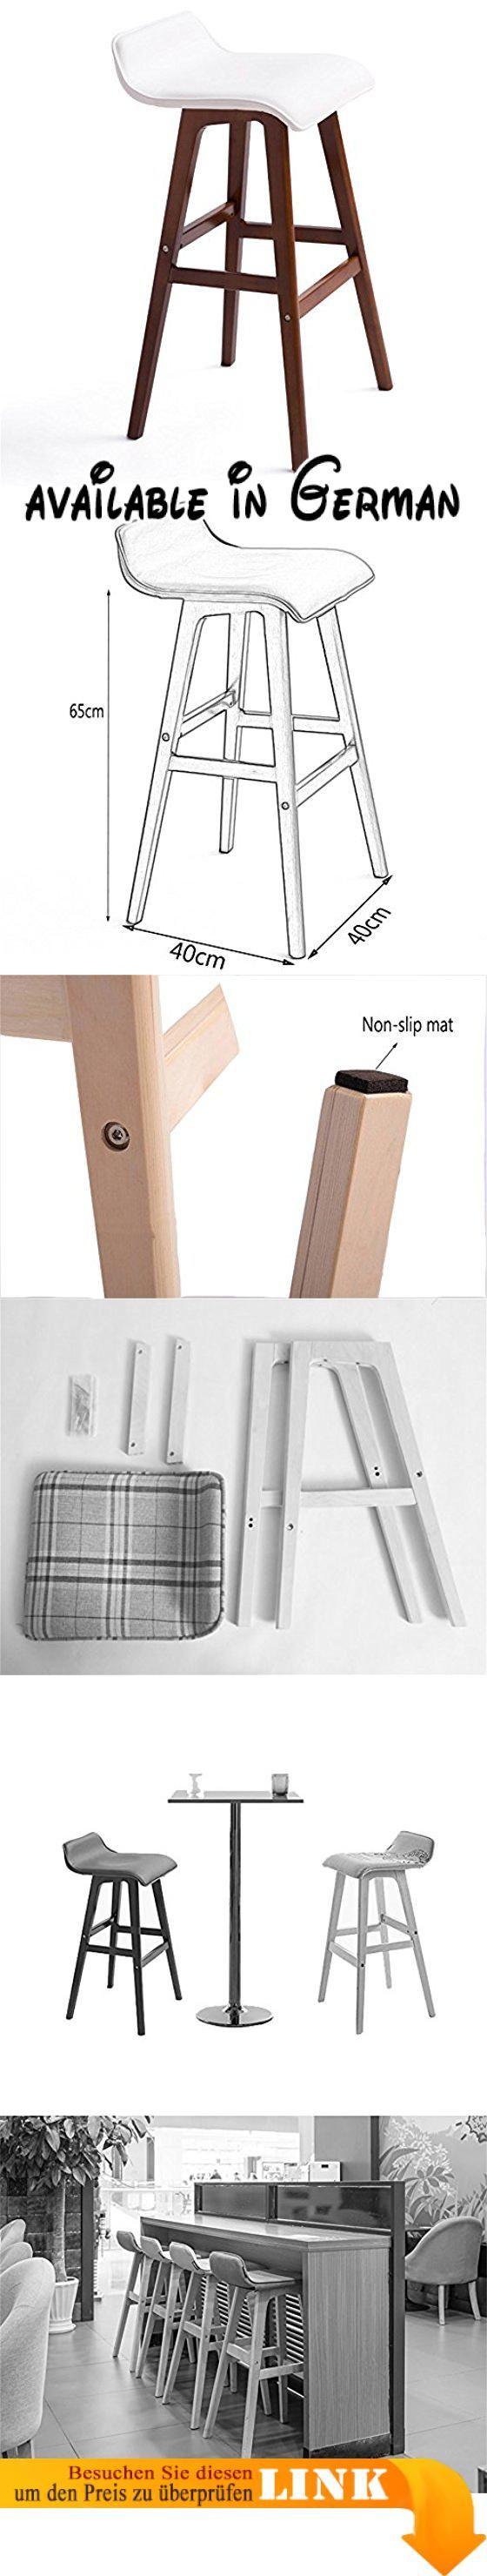 B0777TY79L : ZRX-Barhocker Mode Holz Sitz Runder Stuhl Hocker Bar ...